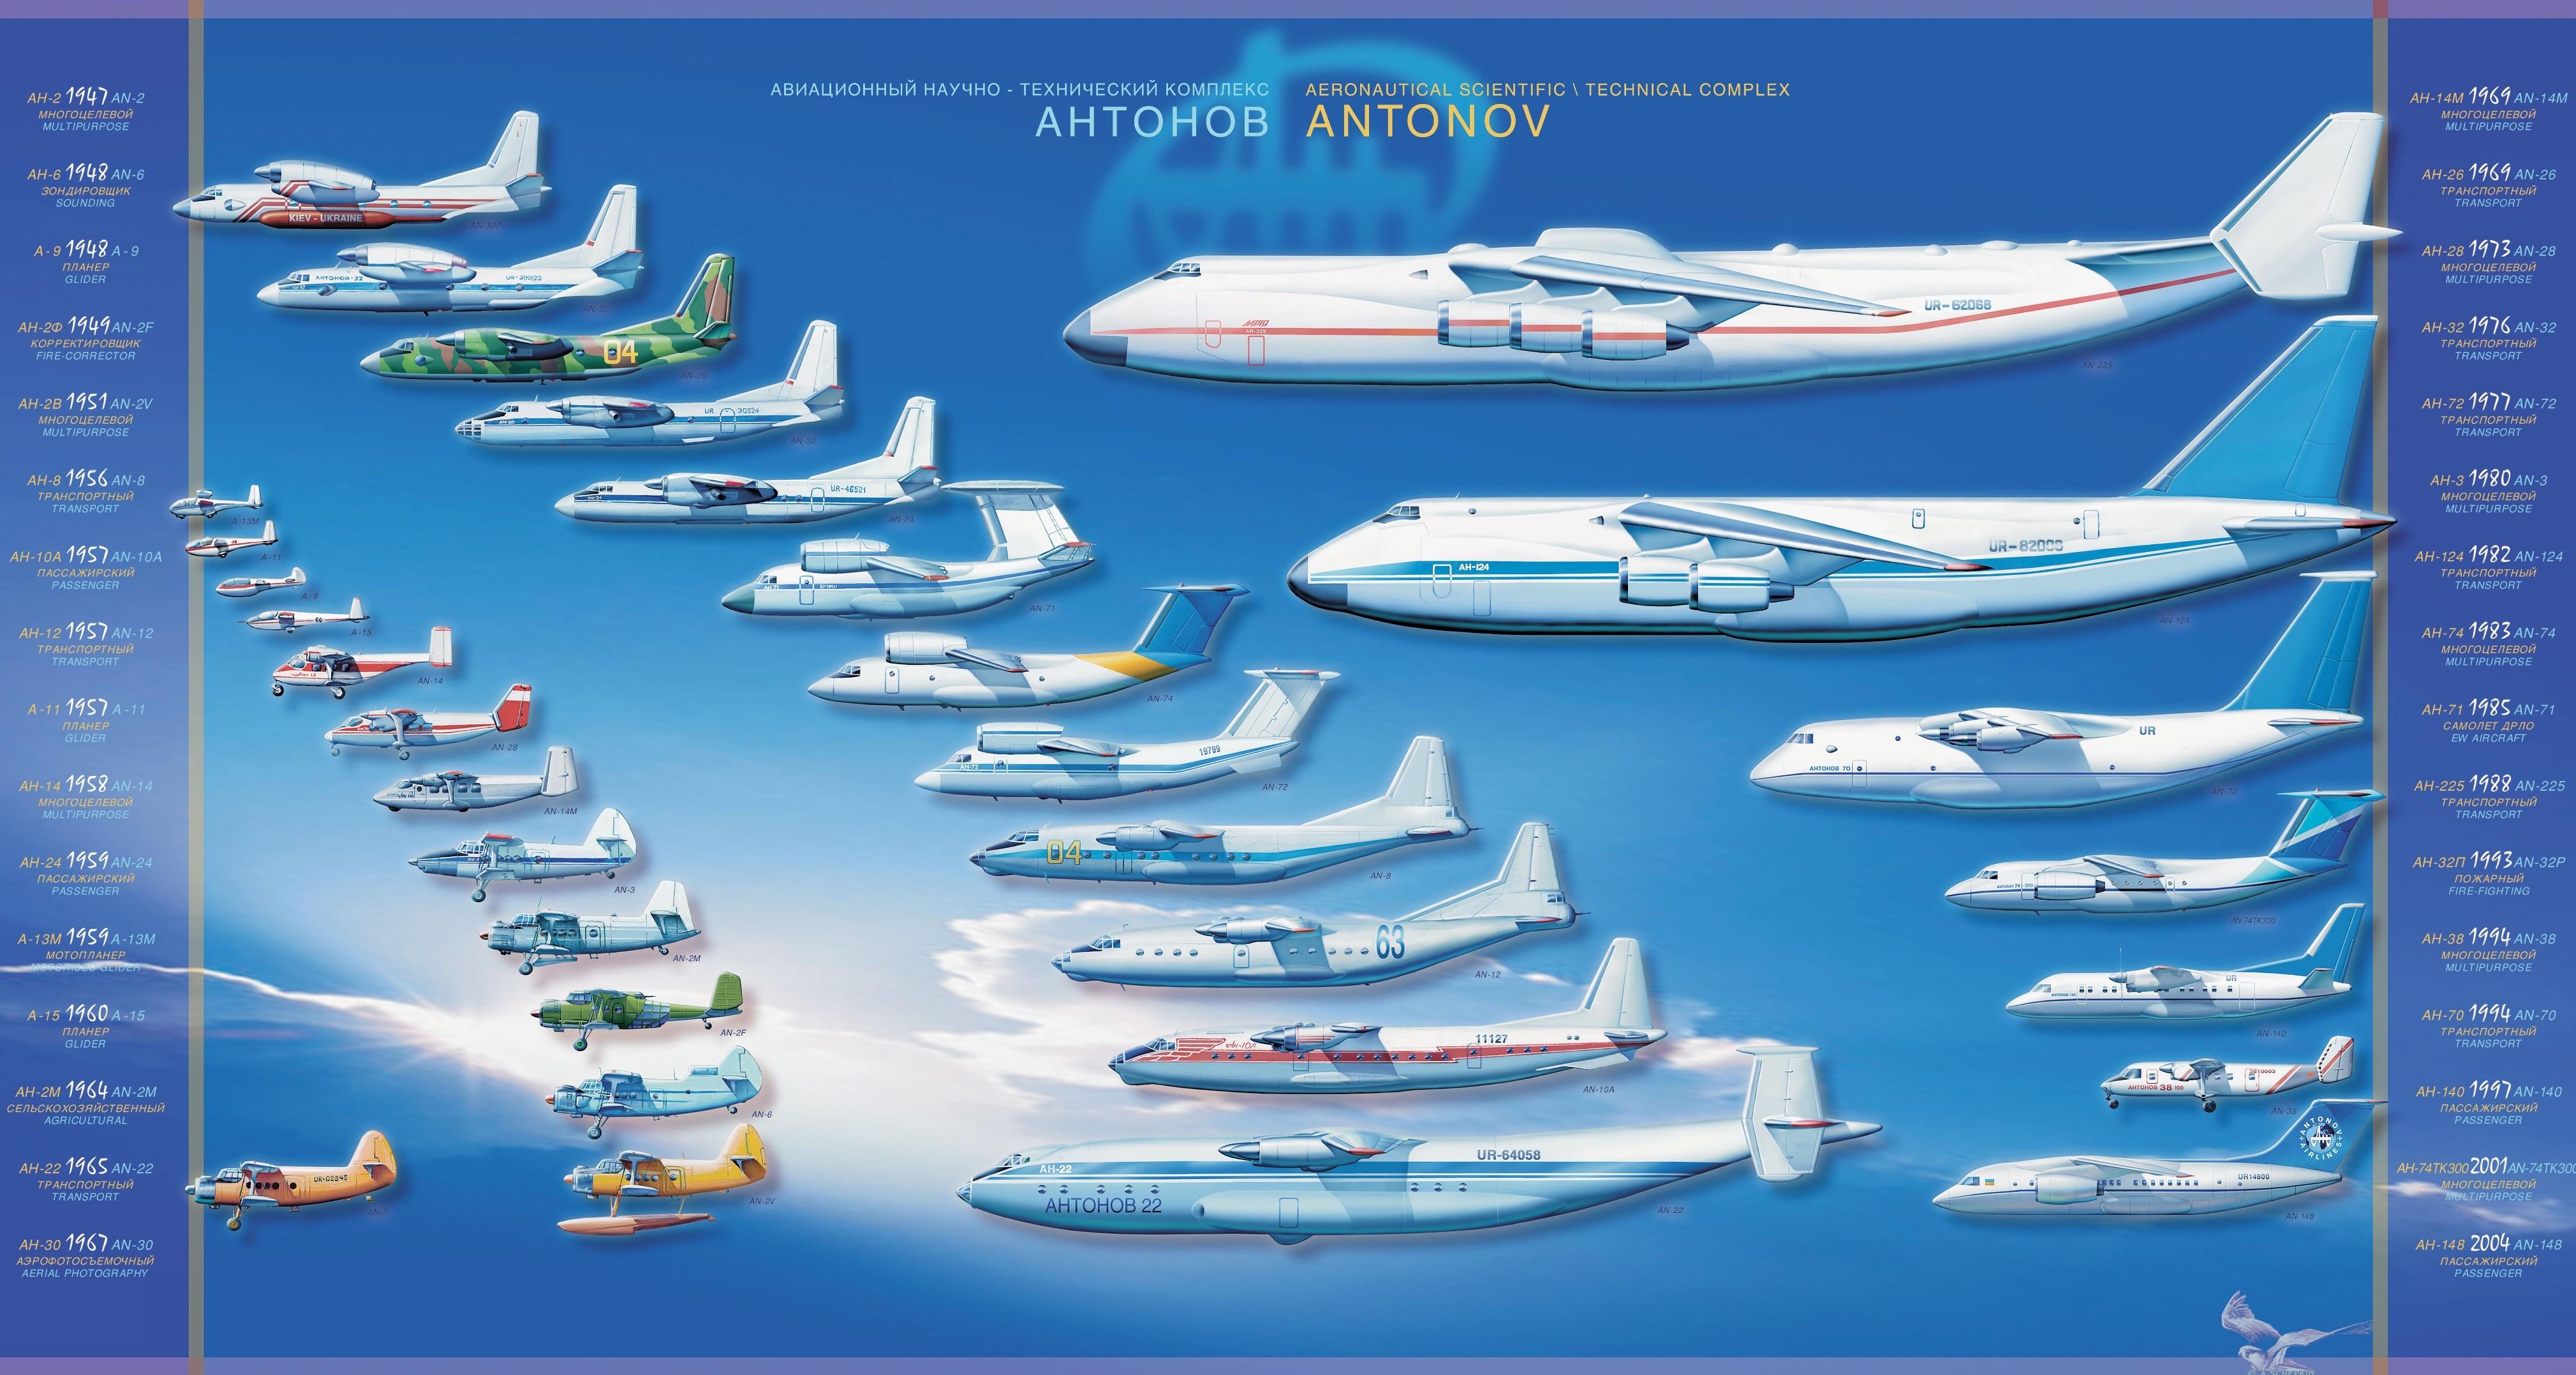 antonov-transportnyy-samolet.jpg